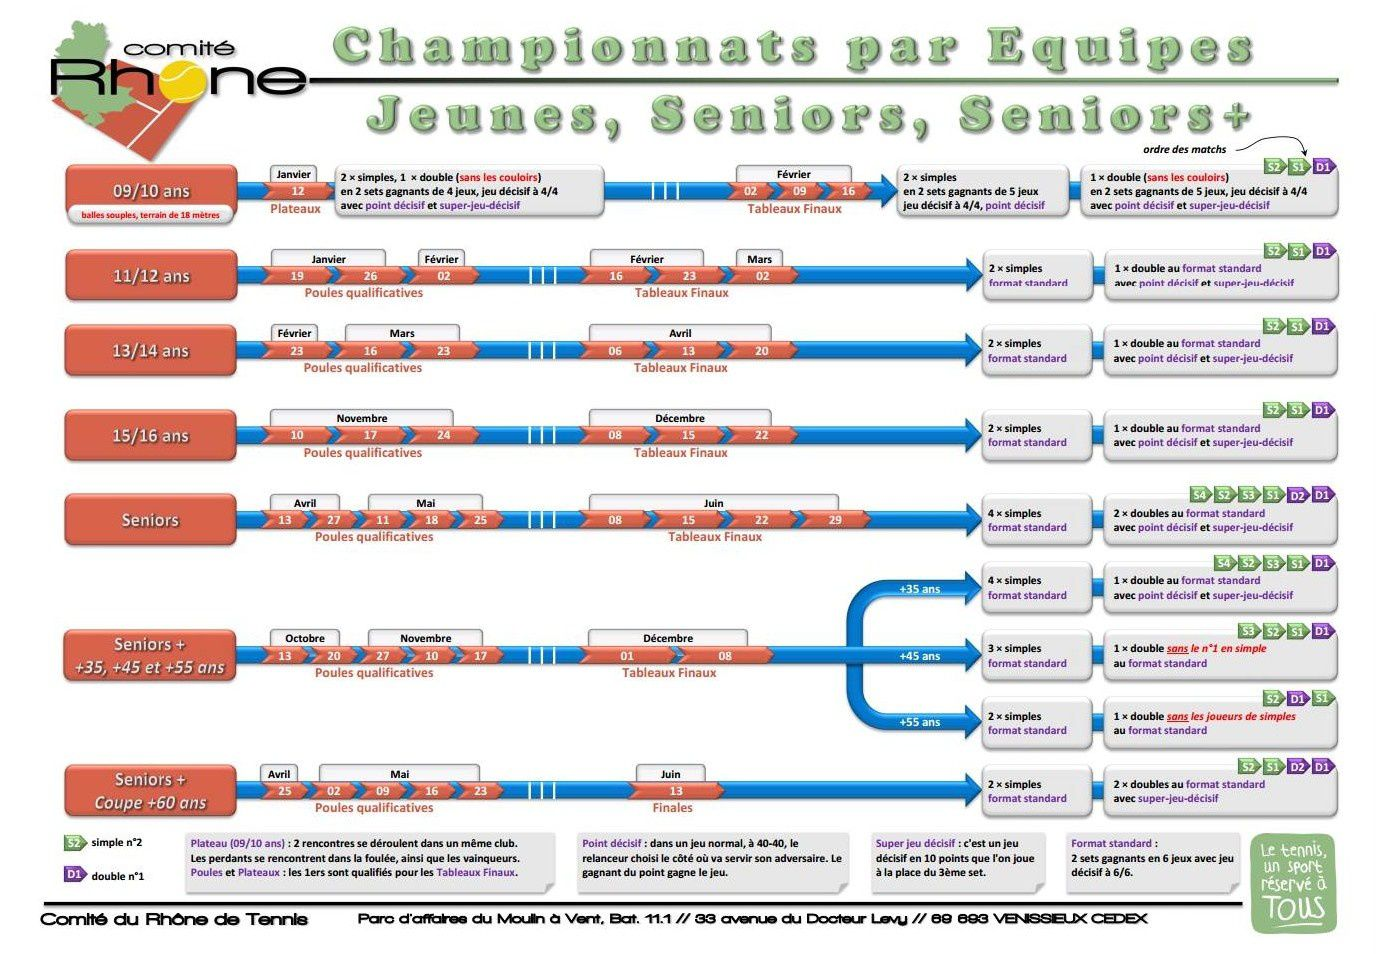 PLANNING  DES CHAMPIONNATS PAR EQUIPES 2014 - Jeunes, Seniors, Seniors+